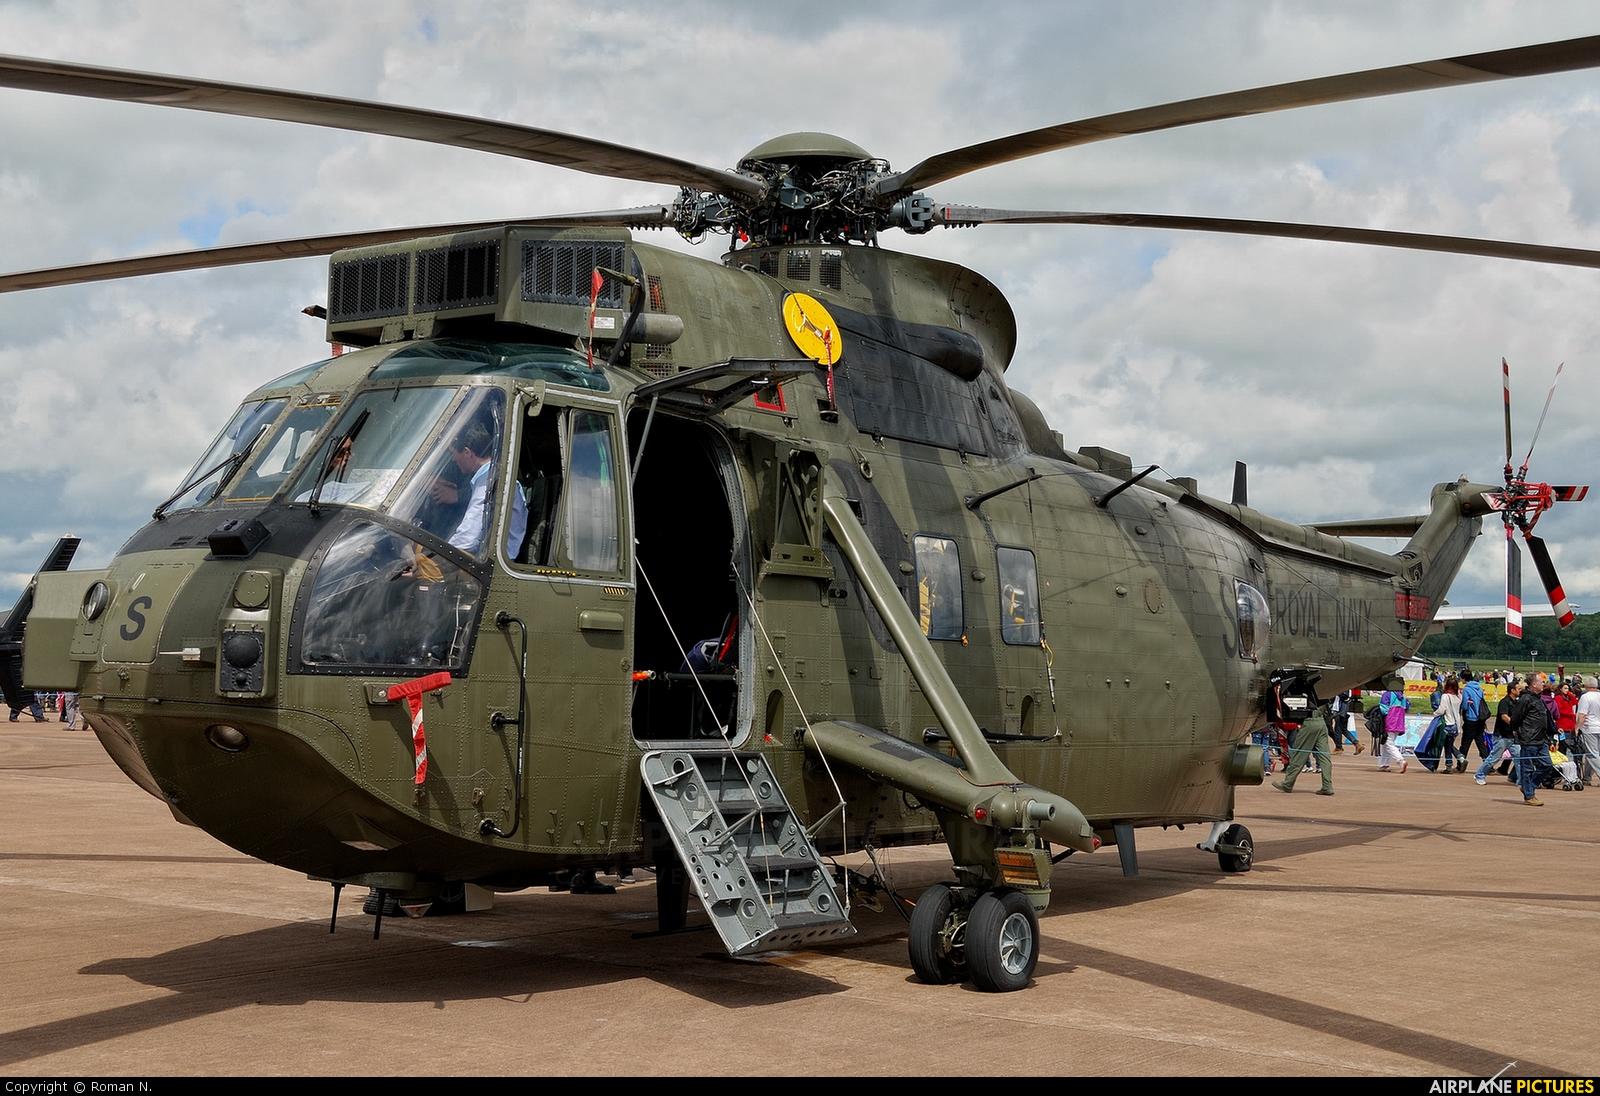 Royal Navy ZD626 aircraft at Fairford